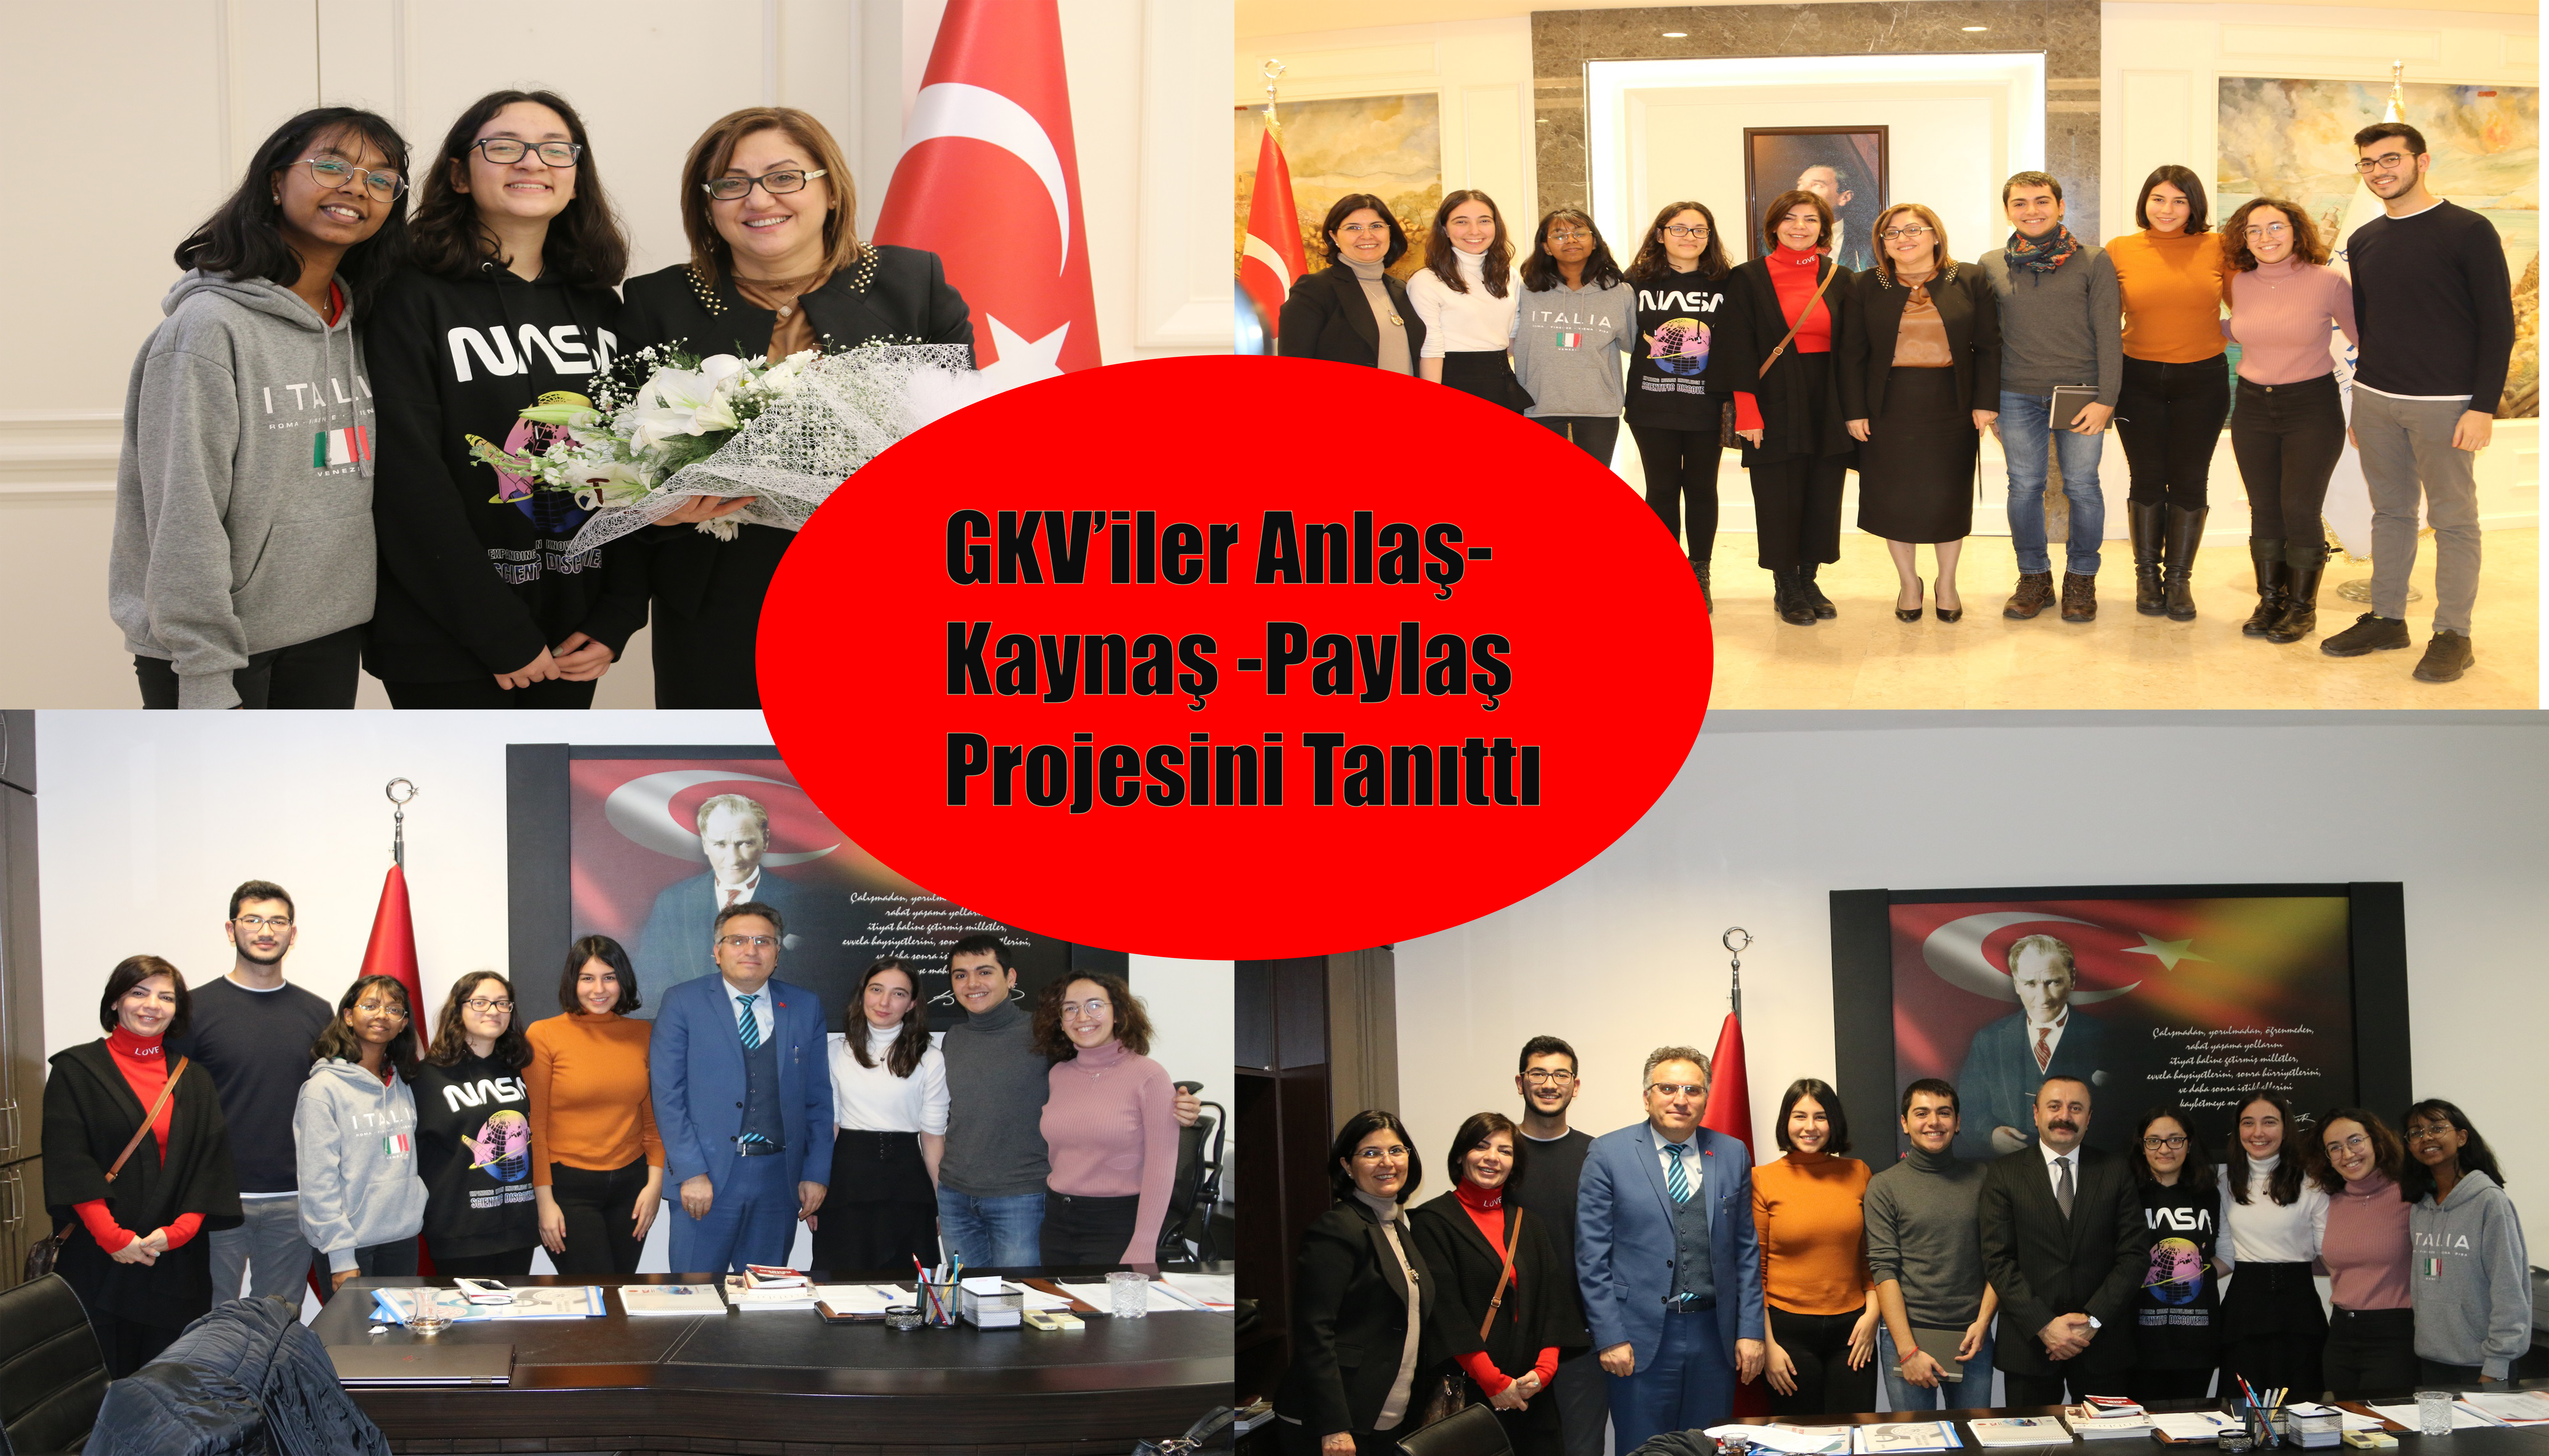 GKV'iler Anlaş- Kaynaş -Paylaş Projesini Tanıttı